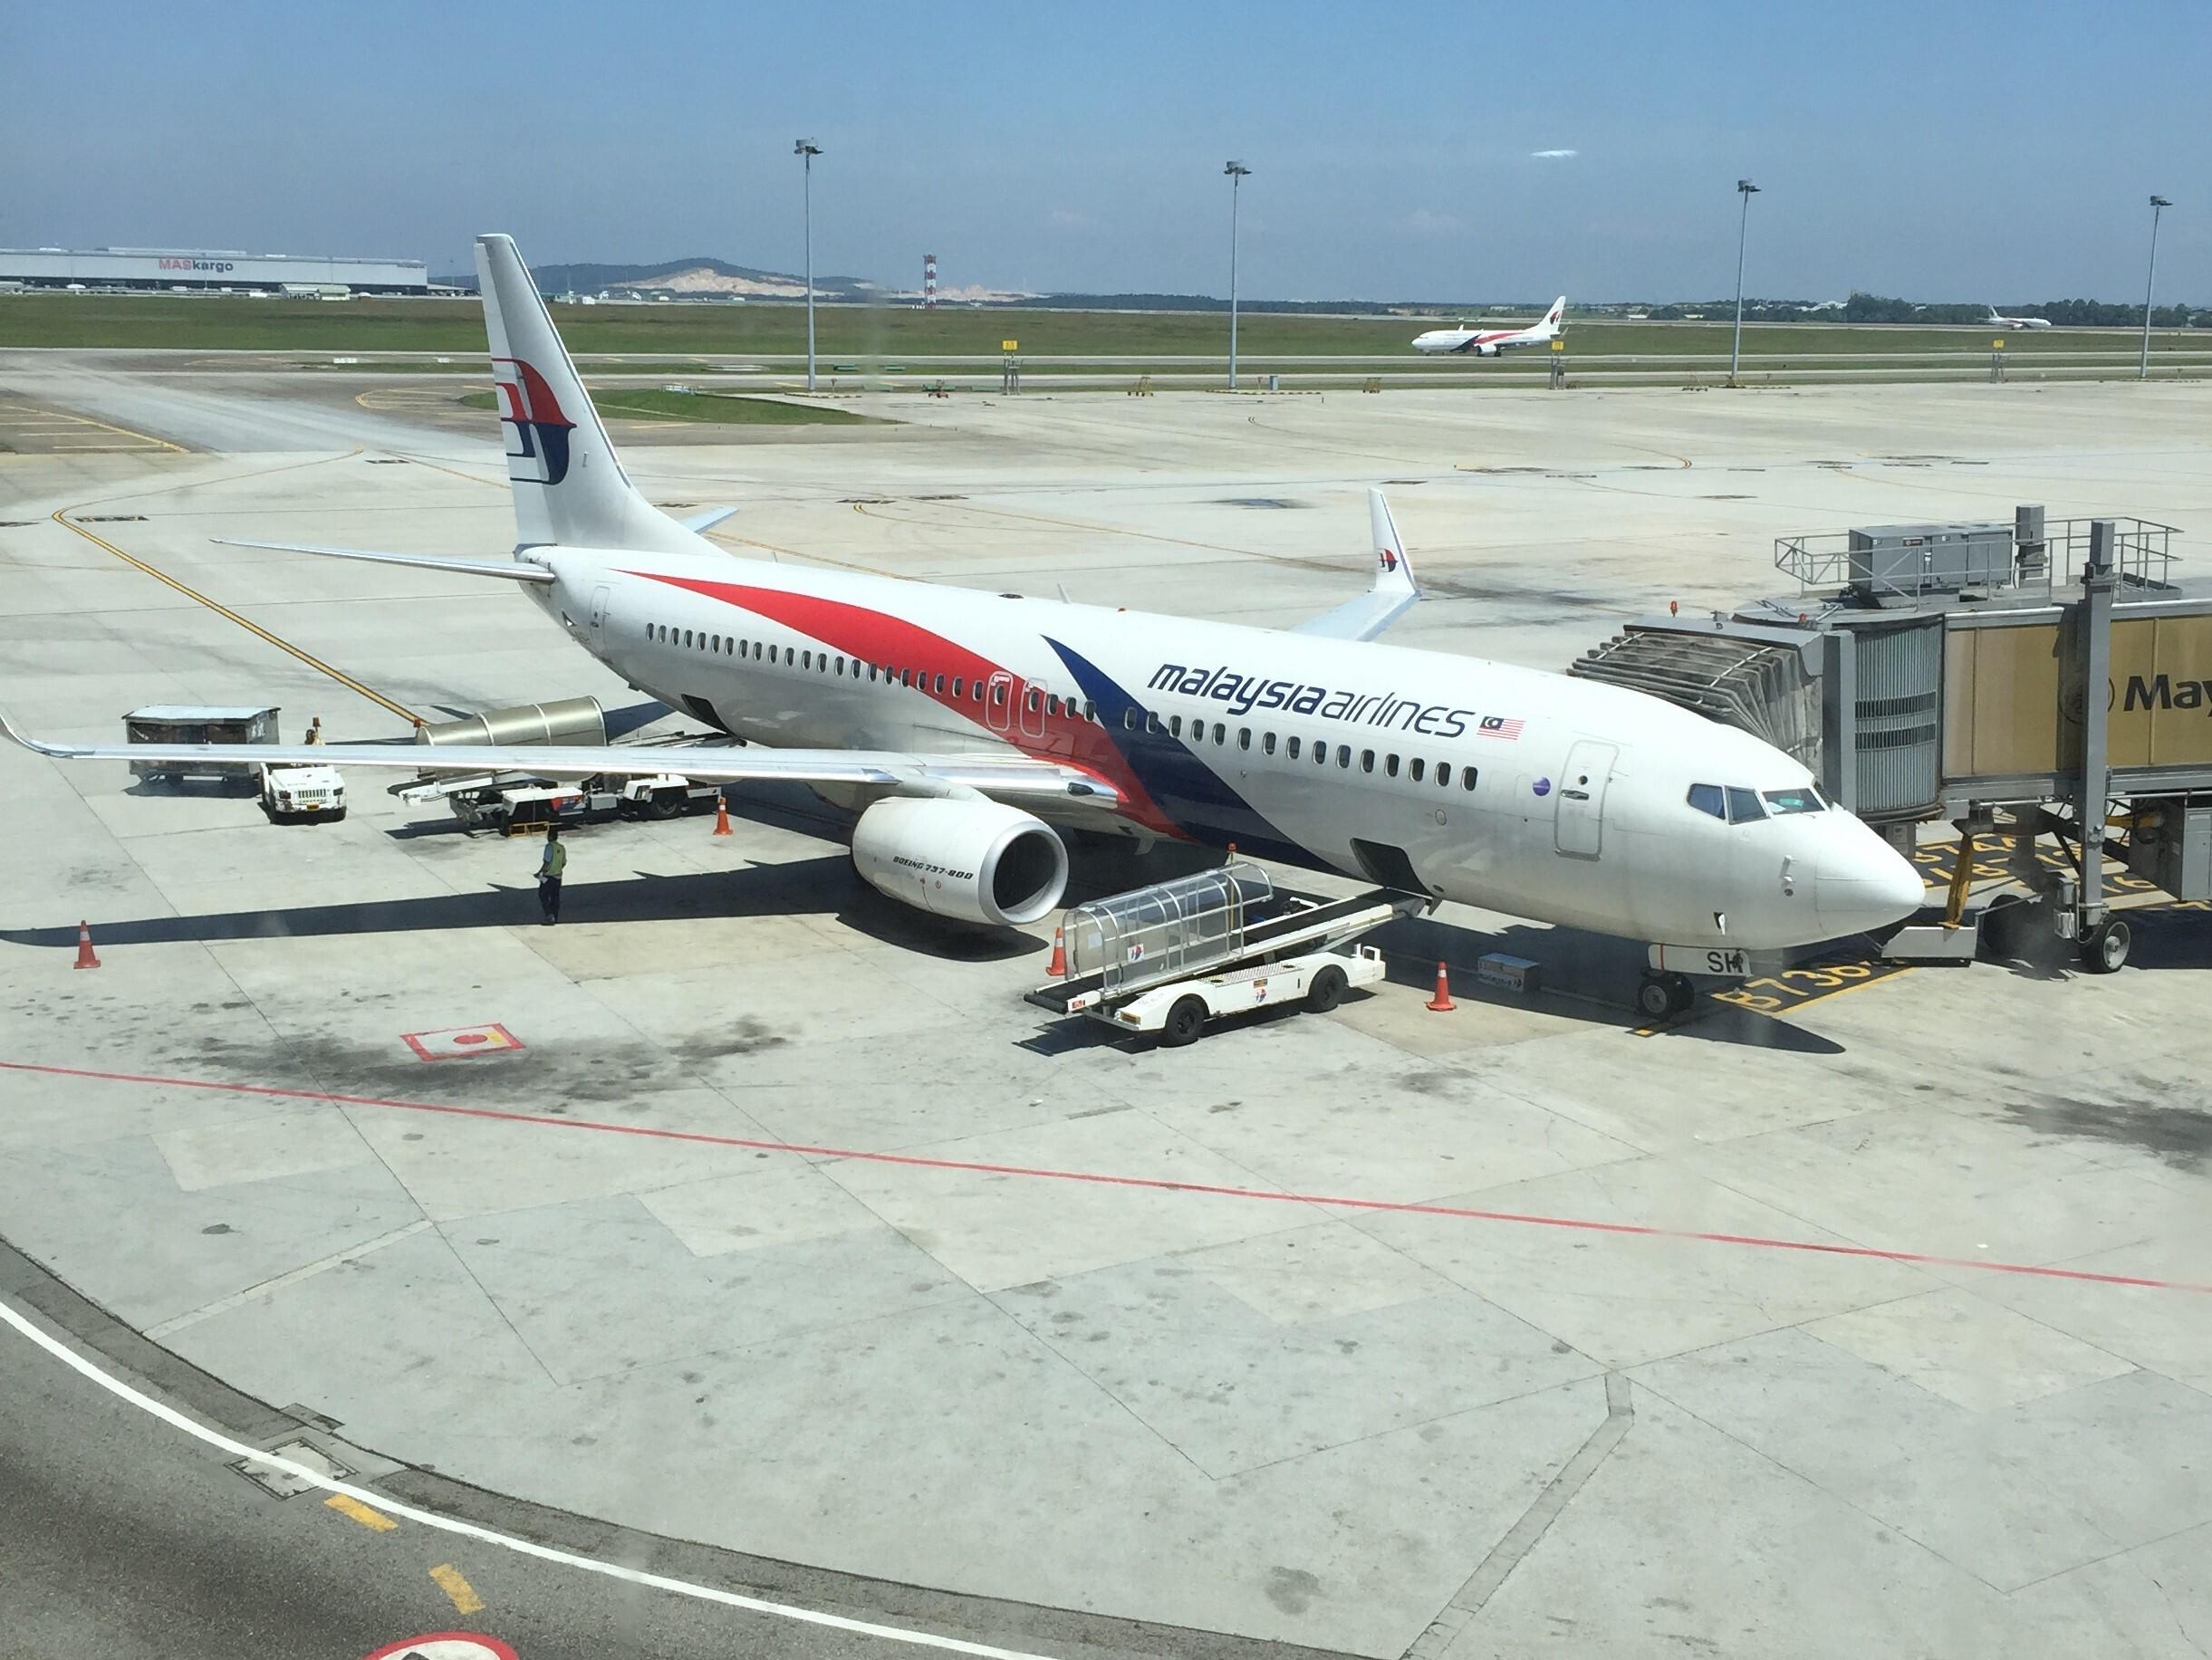 空港で駐機中のマレーシア航空機